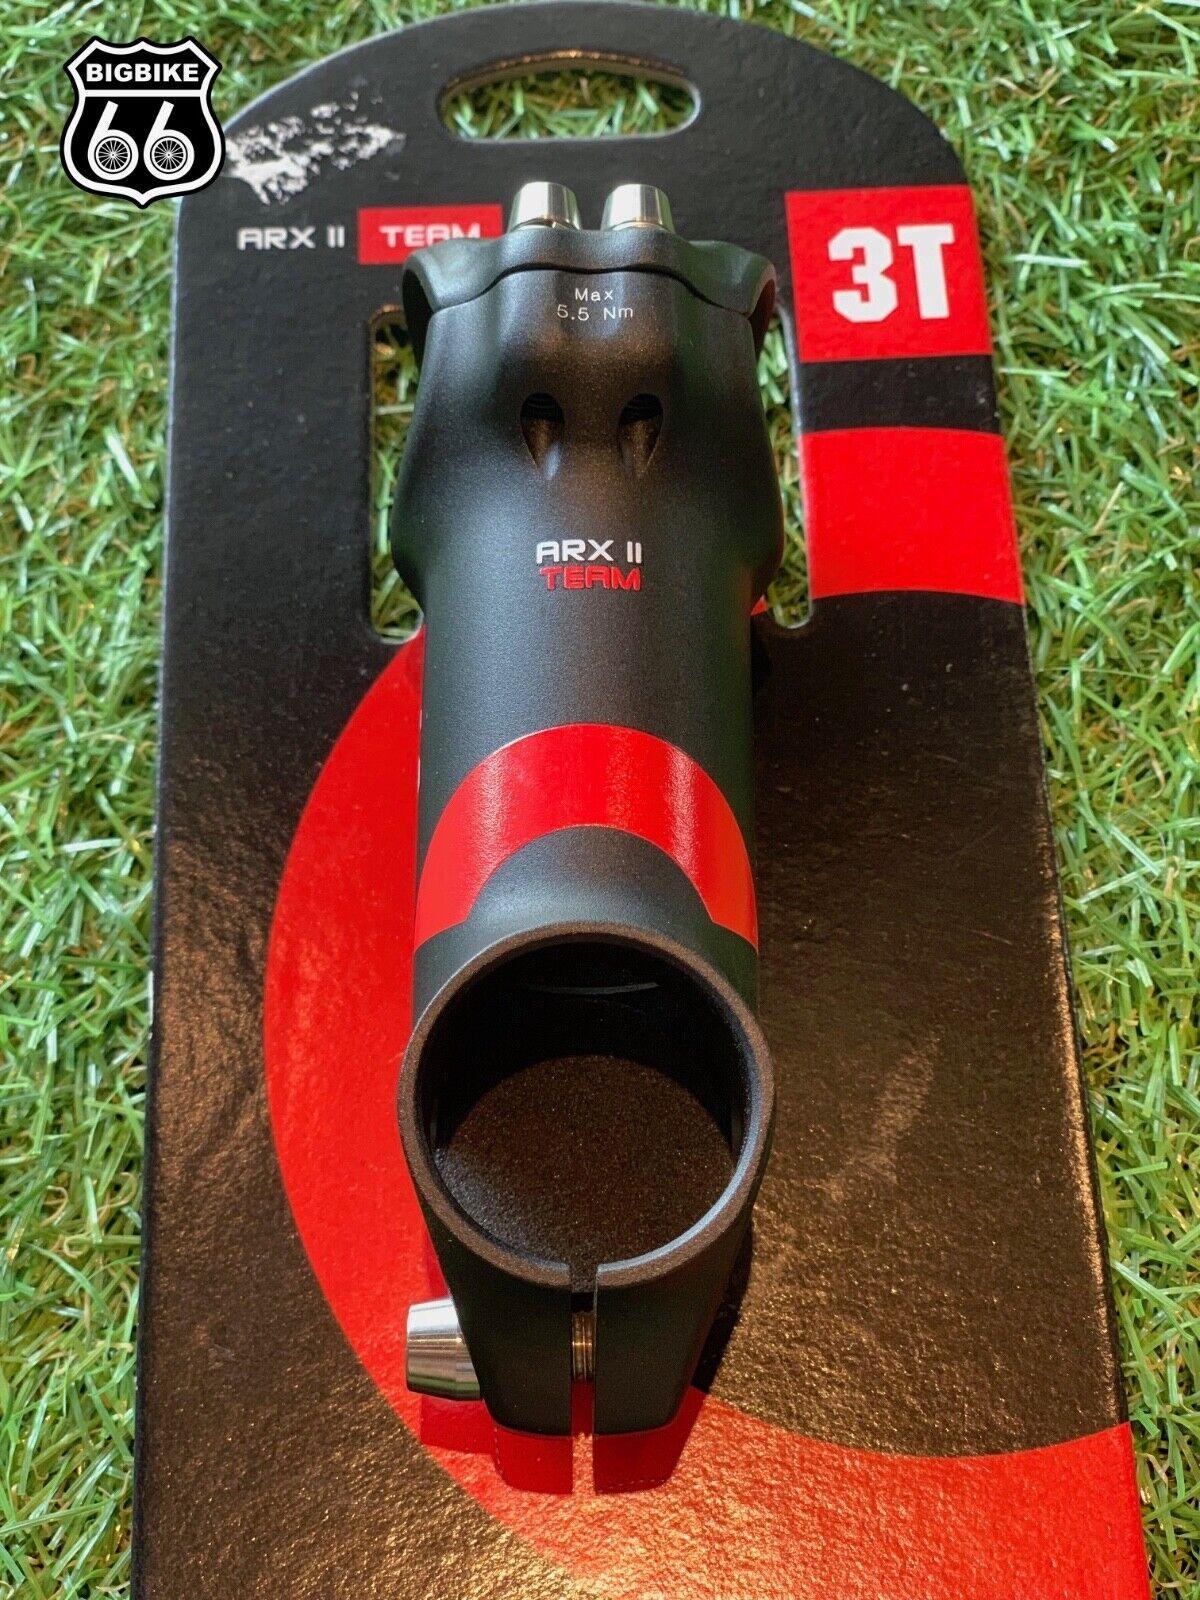 3T Tallo-ARX TEAM, 80 mm + II -6 grados